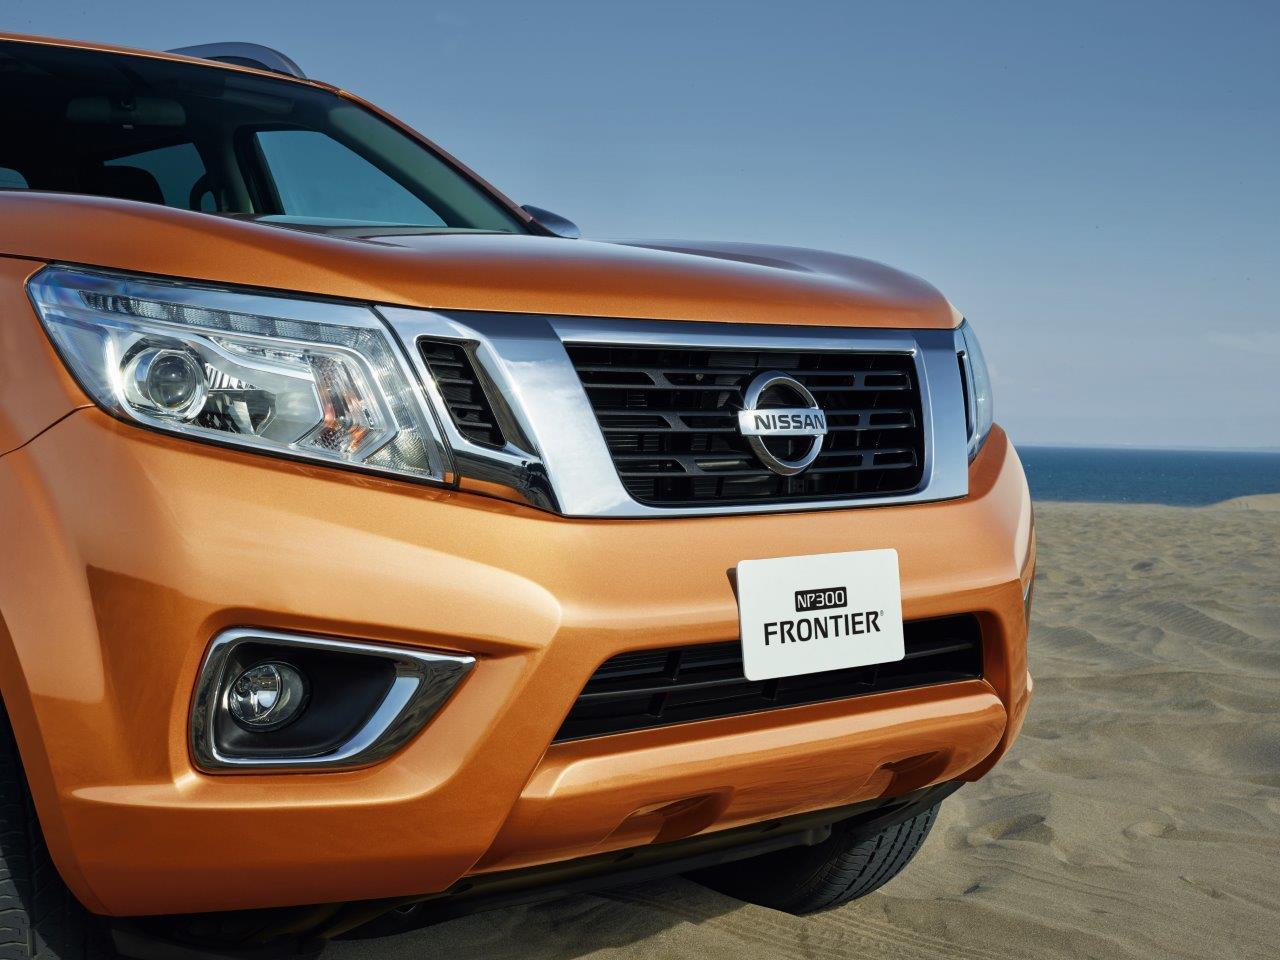 Nissan NP300 Frontier Platinum LE 2019 frente